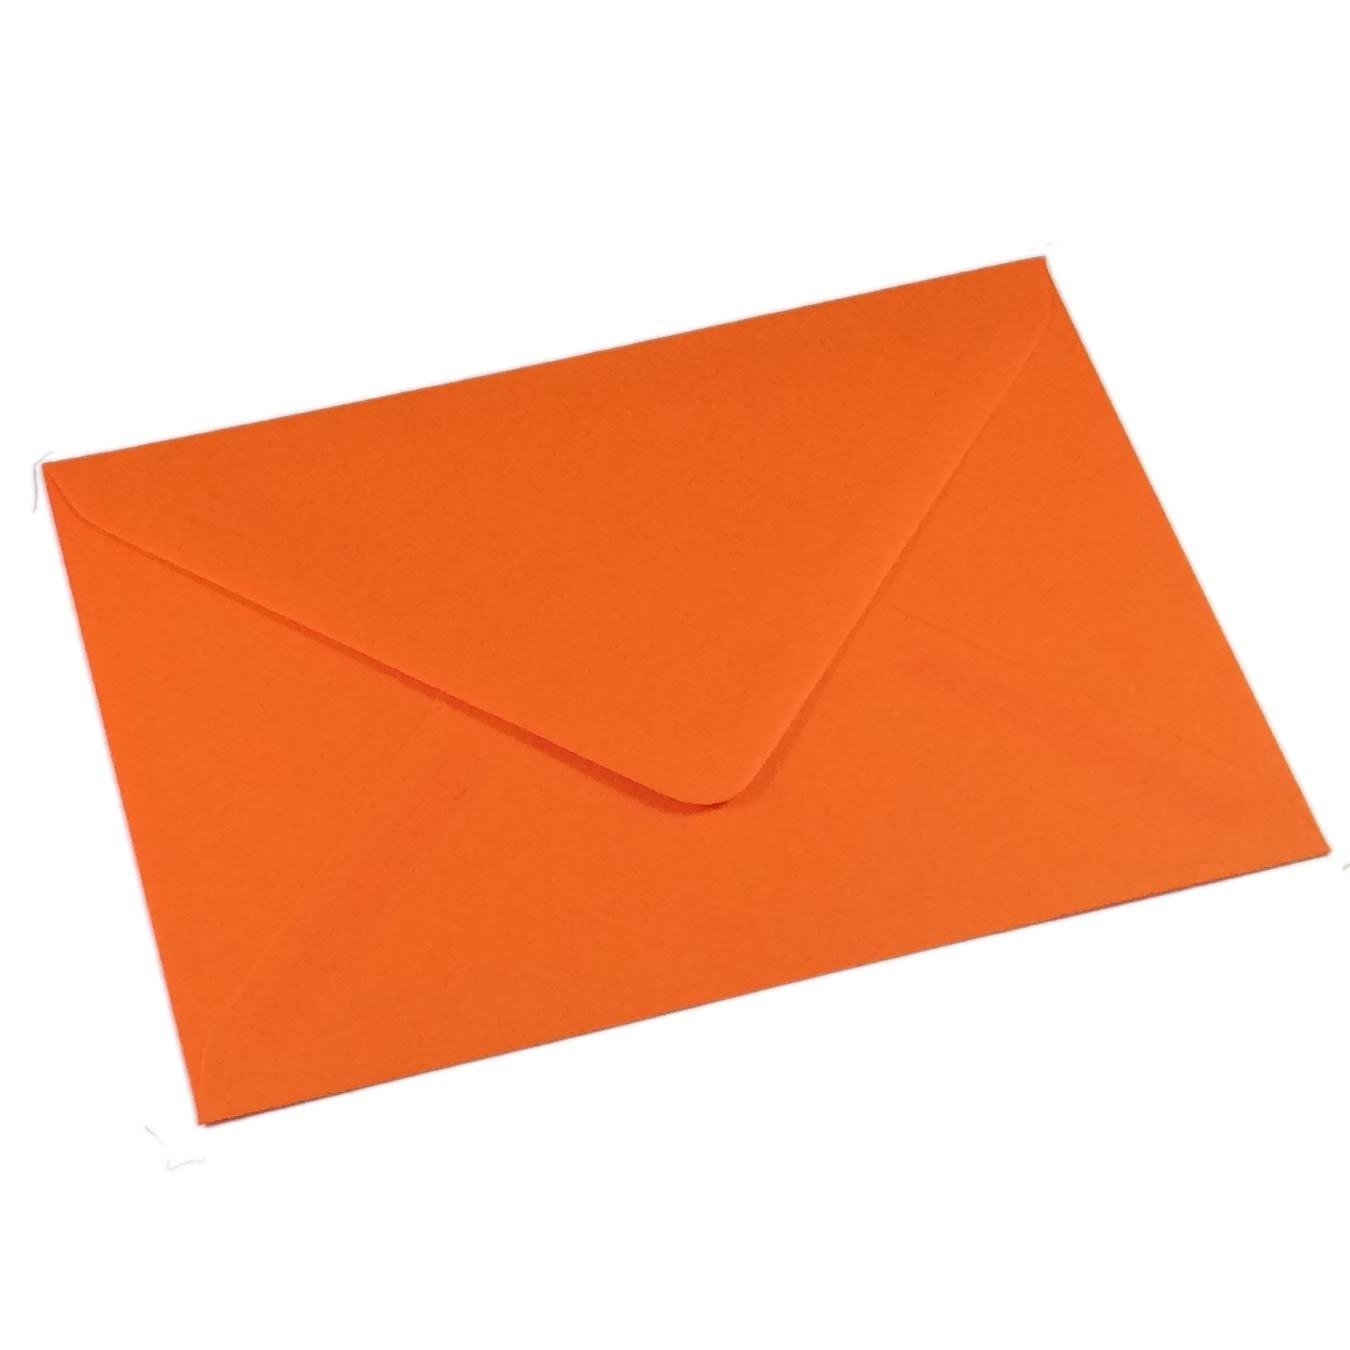 C5 orange